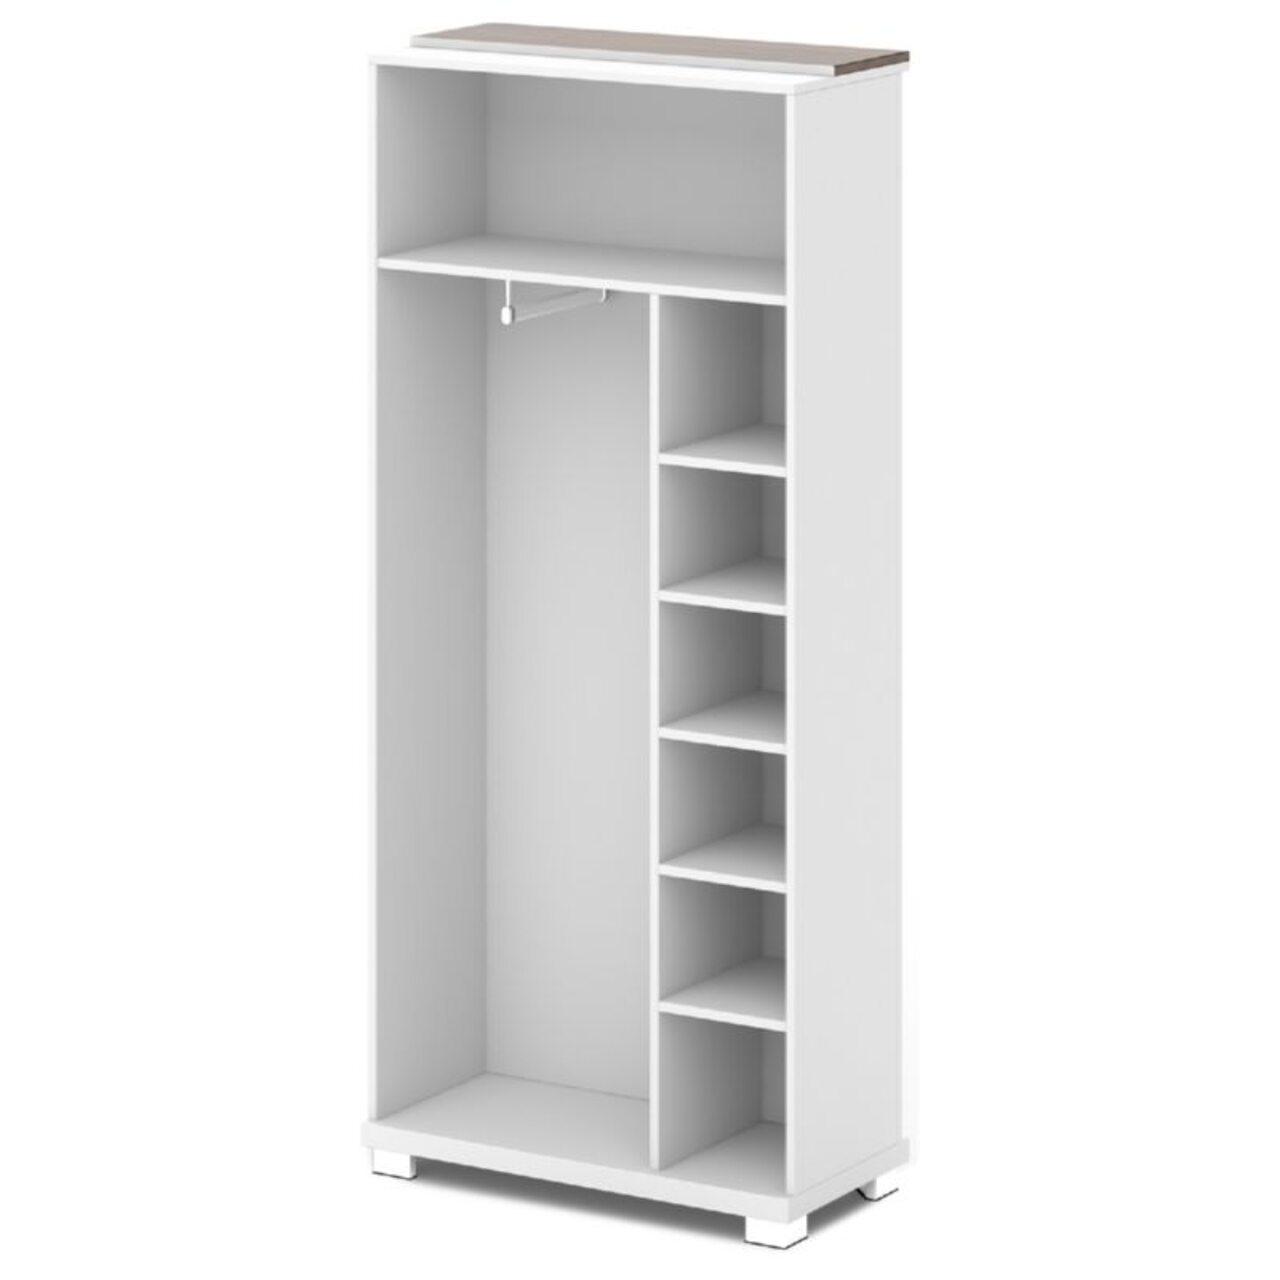 Каркас шкафа для одежды центральный  GRACE 90x44x205 - фото 6